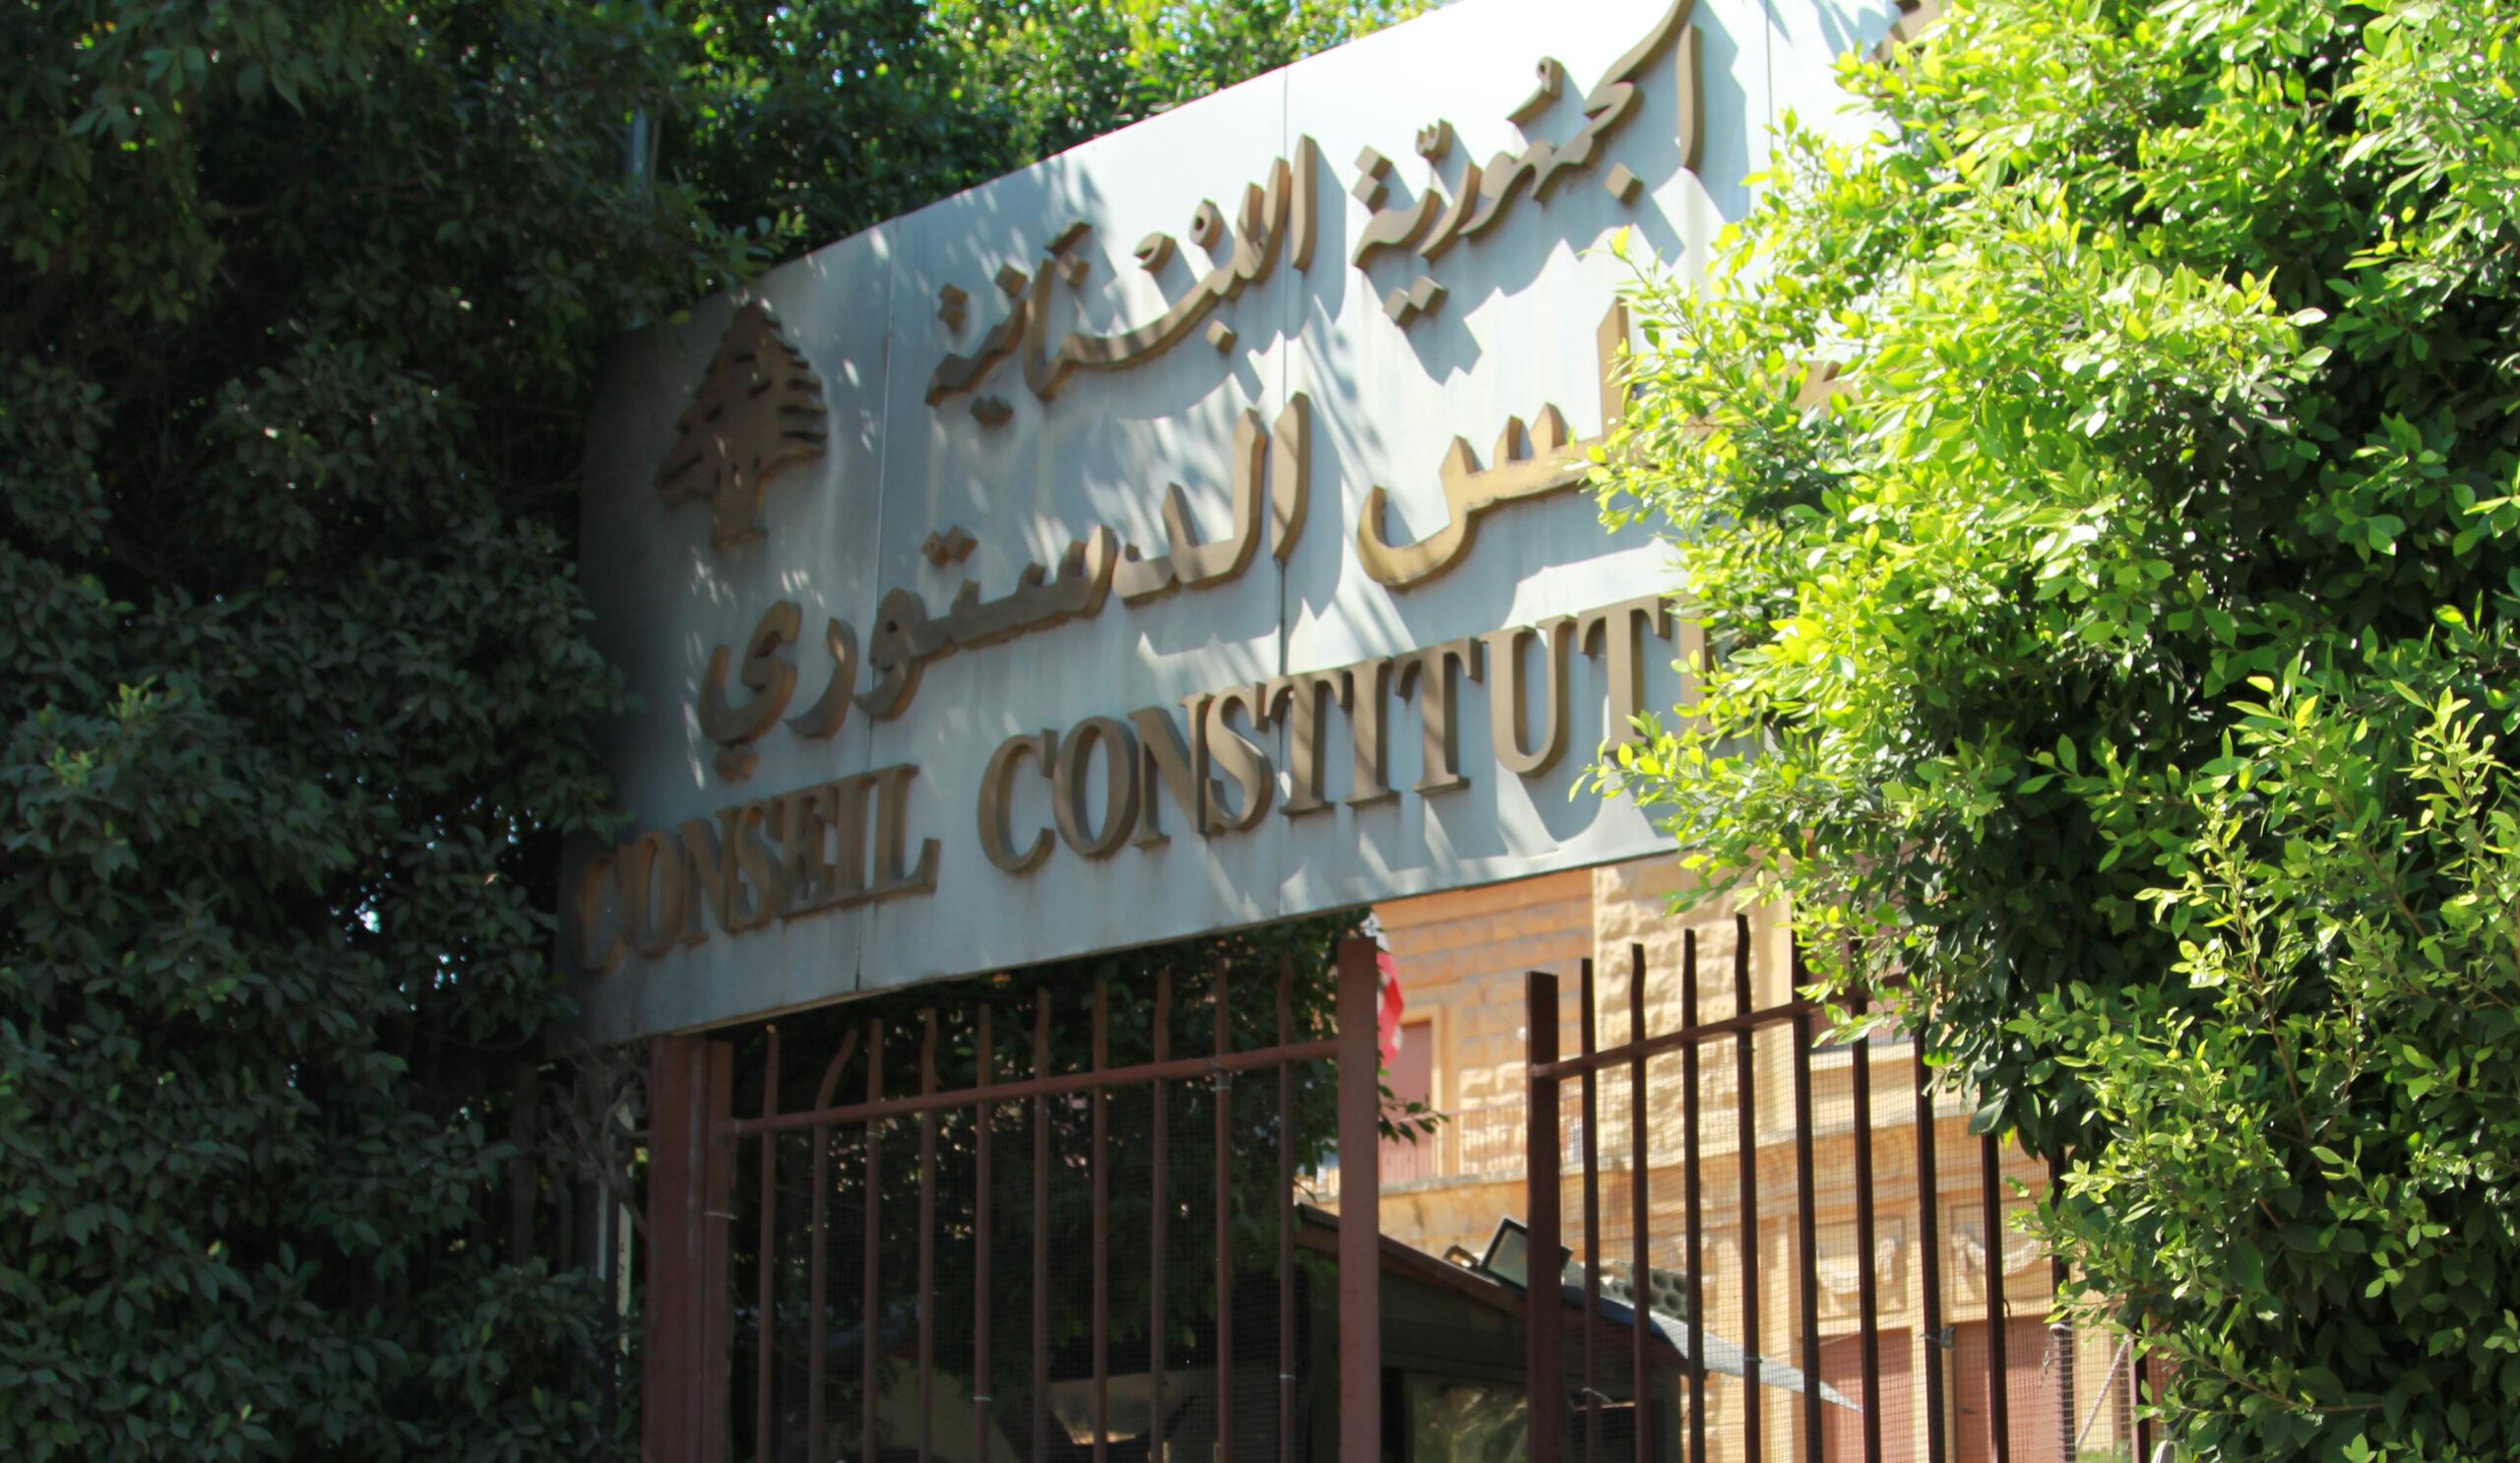 بعد 4 سنوات تأخير انتخابات معلّبة لأعضاء المجلس الدستوري اللبناني: الحريري يشرّع المحاصصة في القضاء باسم الديمقراطية